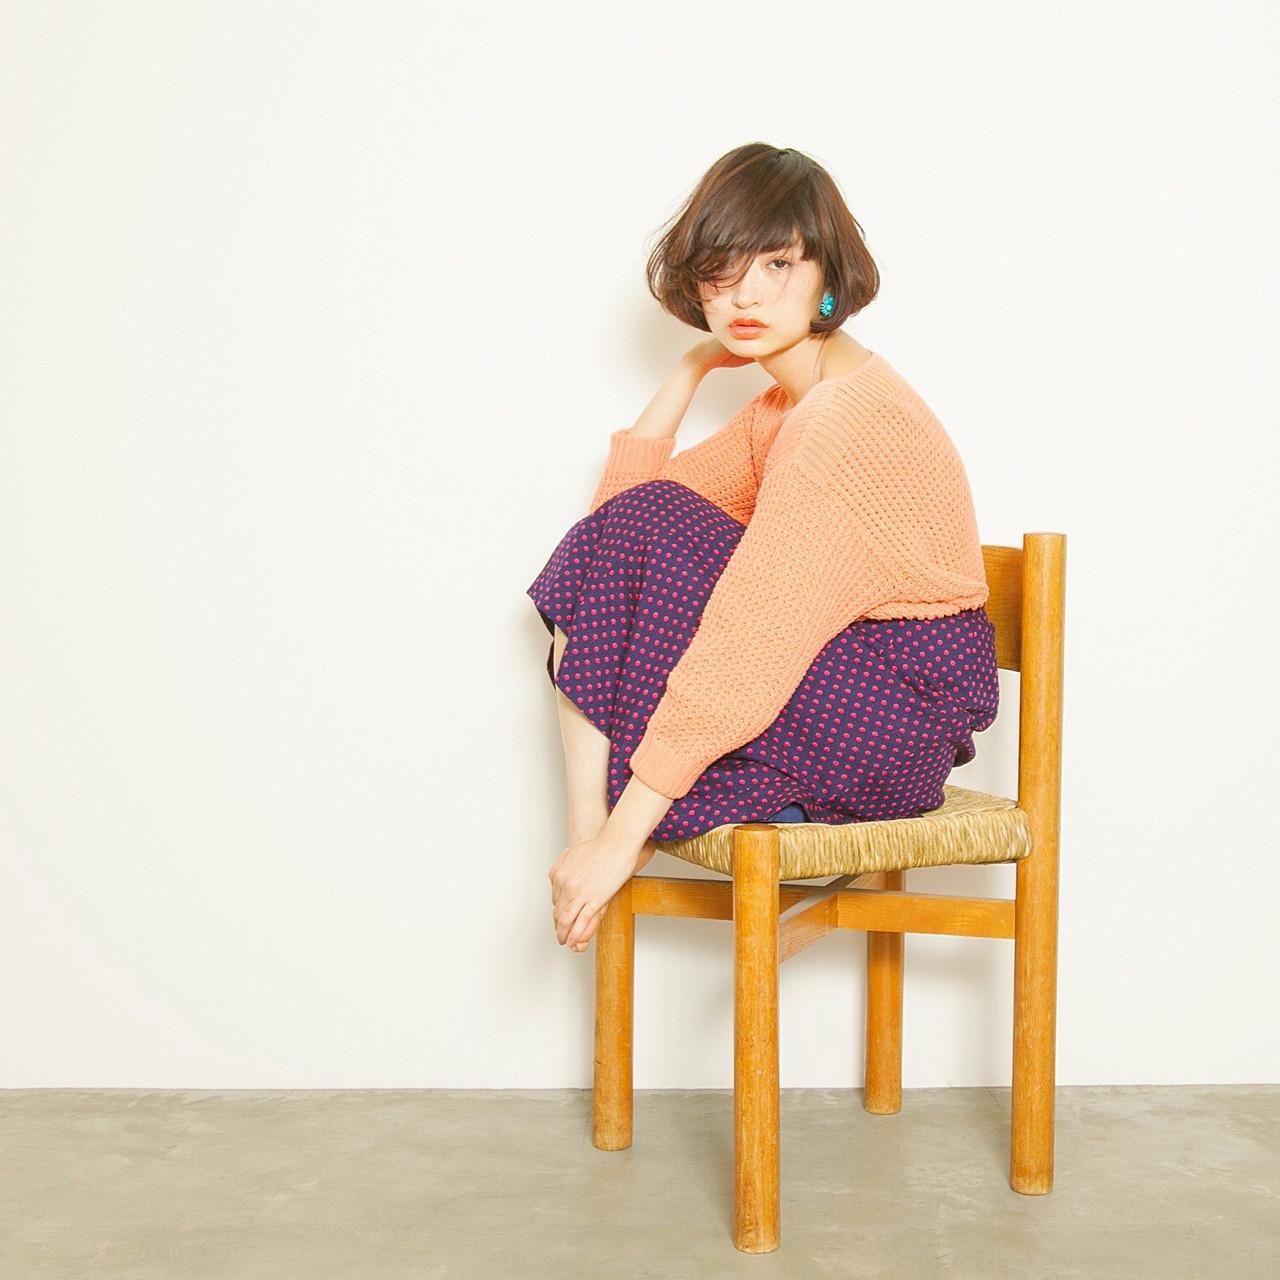 ハンサムコーデの人気は続く!ハンサム上手になれるヘアスタイル、教えちゃいます♡ 金野 朋晃 / KATE